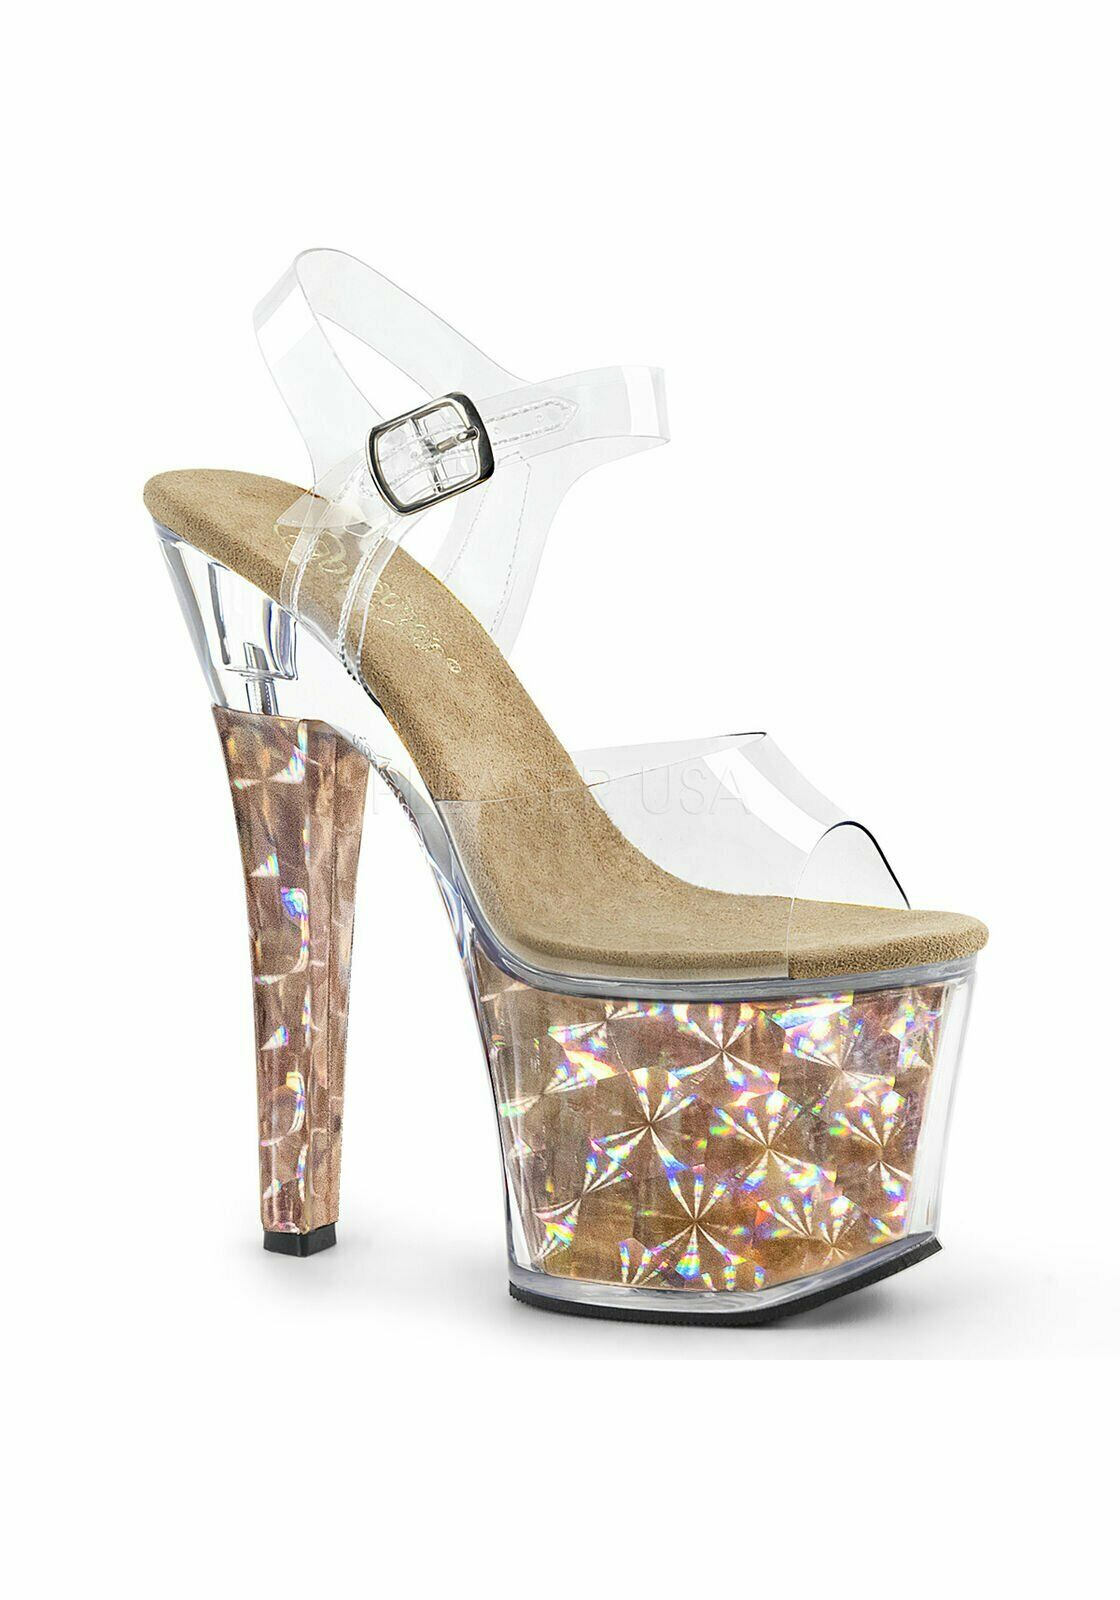 Pleaser RADIANT-708HHG 7 Inch Heel, 3 1 4 Inch Platform Ankle Strap Sandal